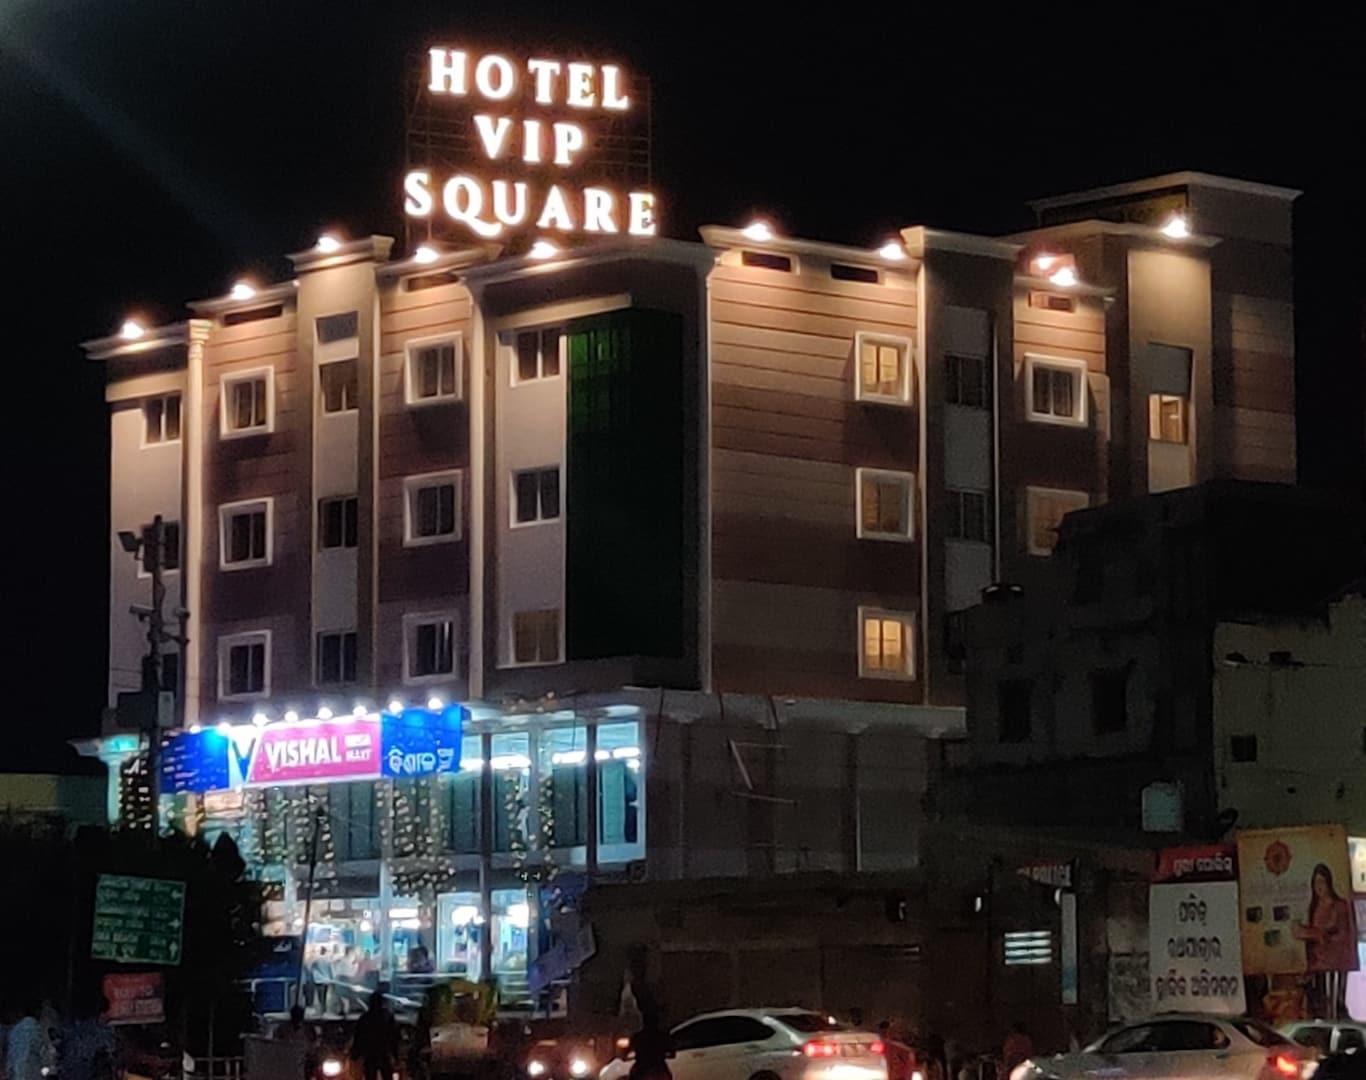 Hotel VIP Square